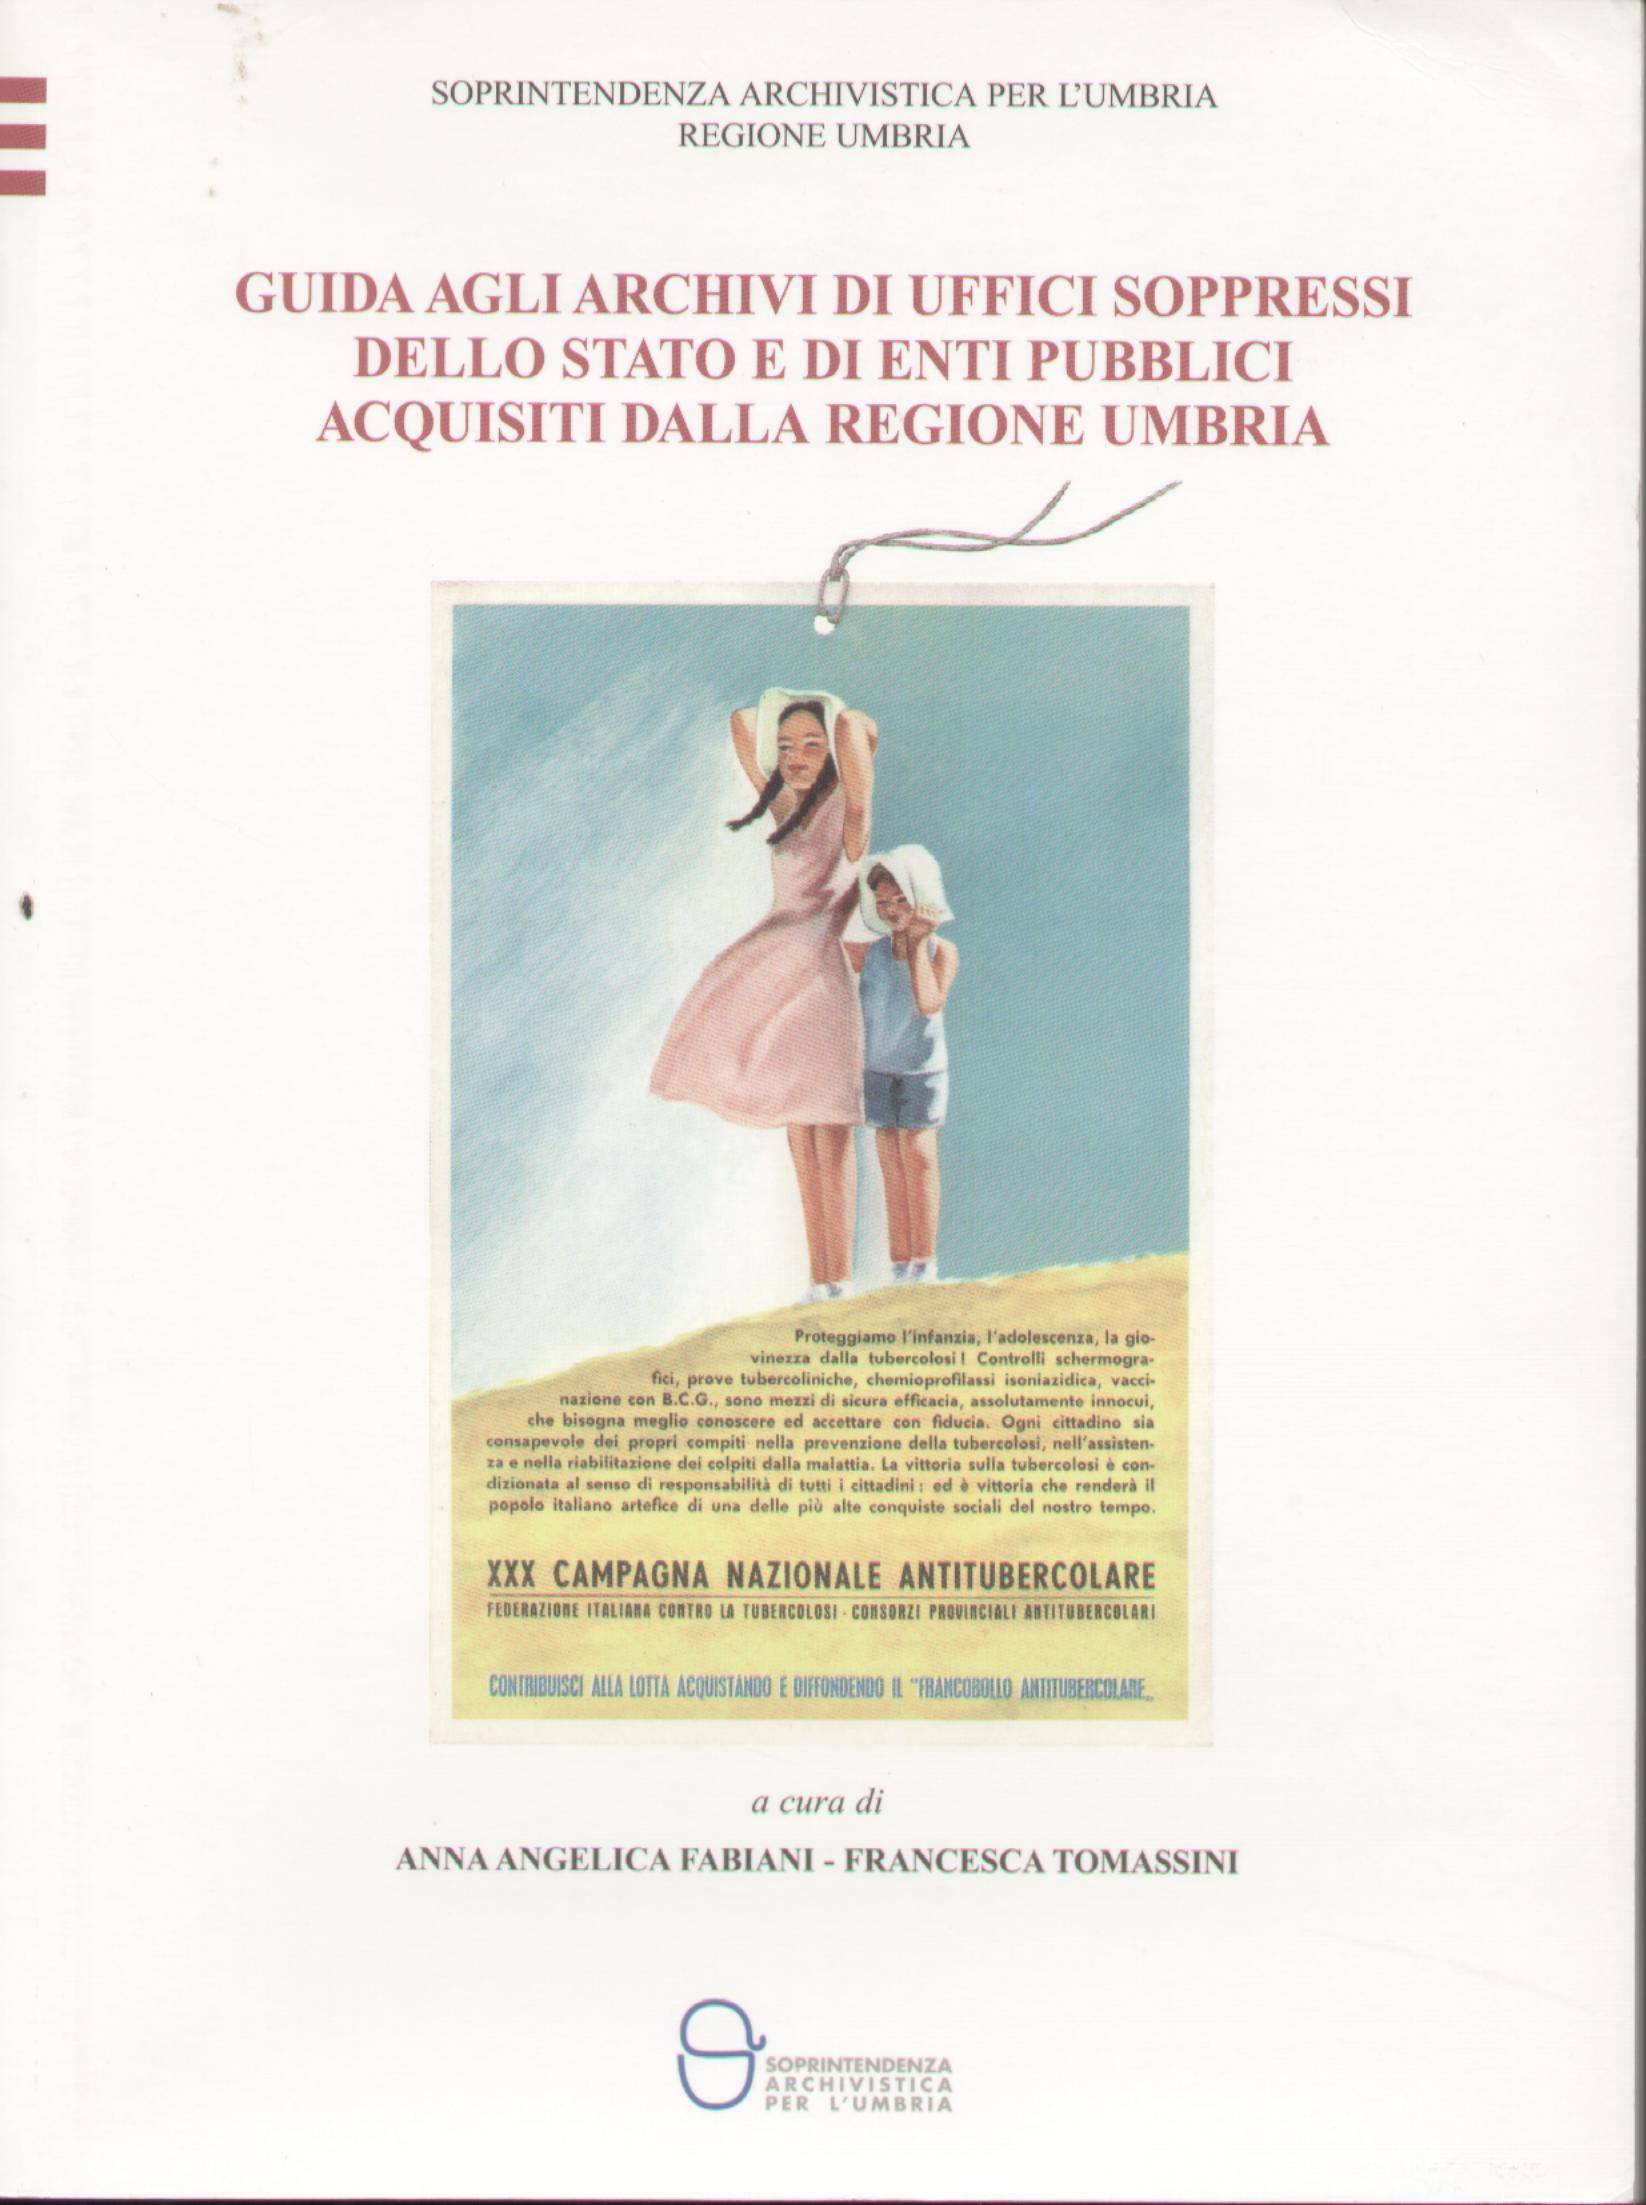 Guida agli archivi di uffici soppressi dello Stato e di enti pubblici acquisiti dalla Regione Umbria